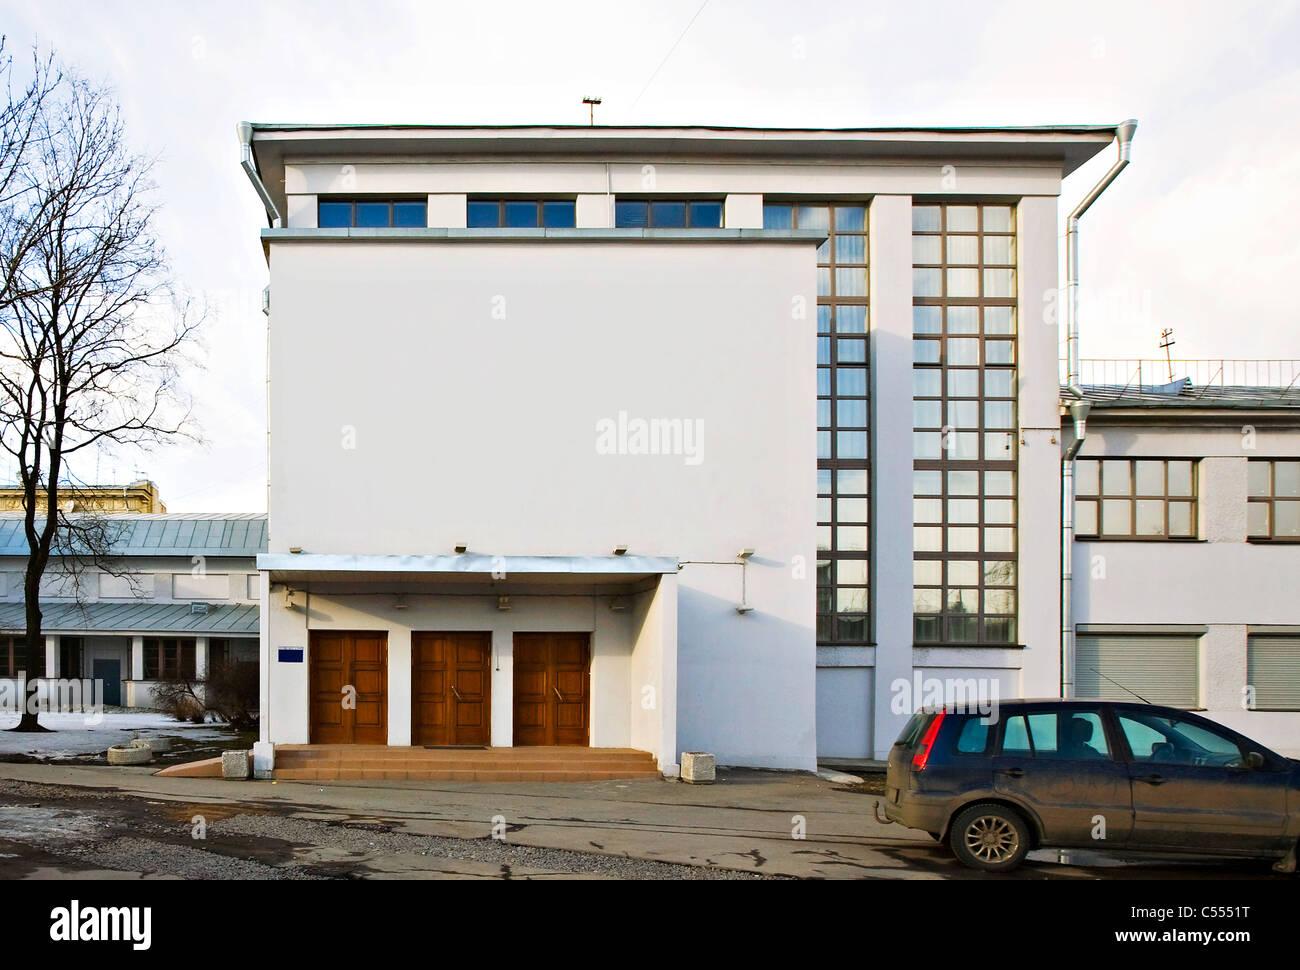 Konstruktivismus Architektur: Russischen Sowjetischen Konstruktivistische Architektur